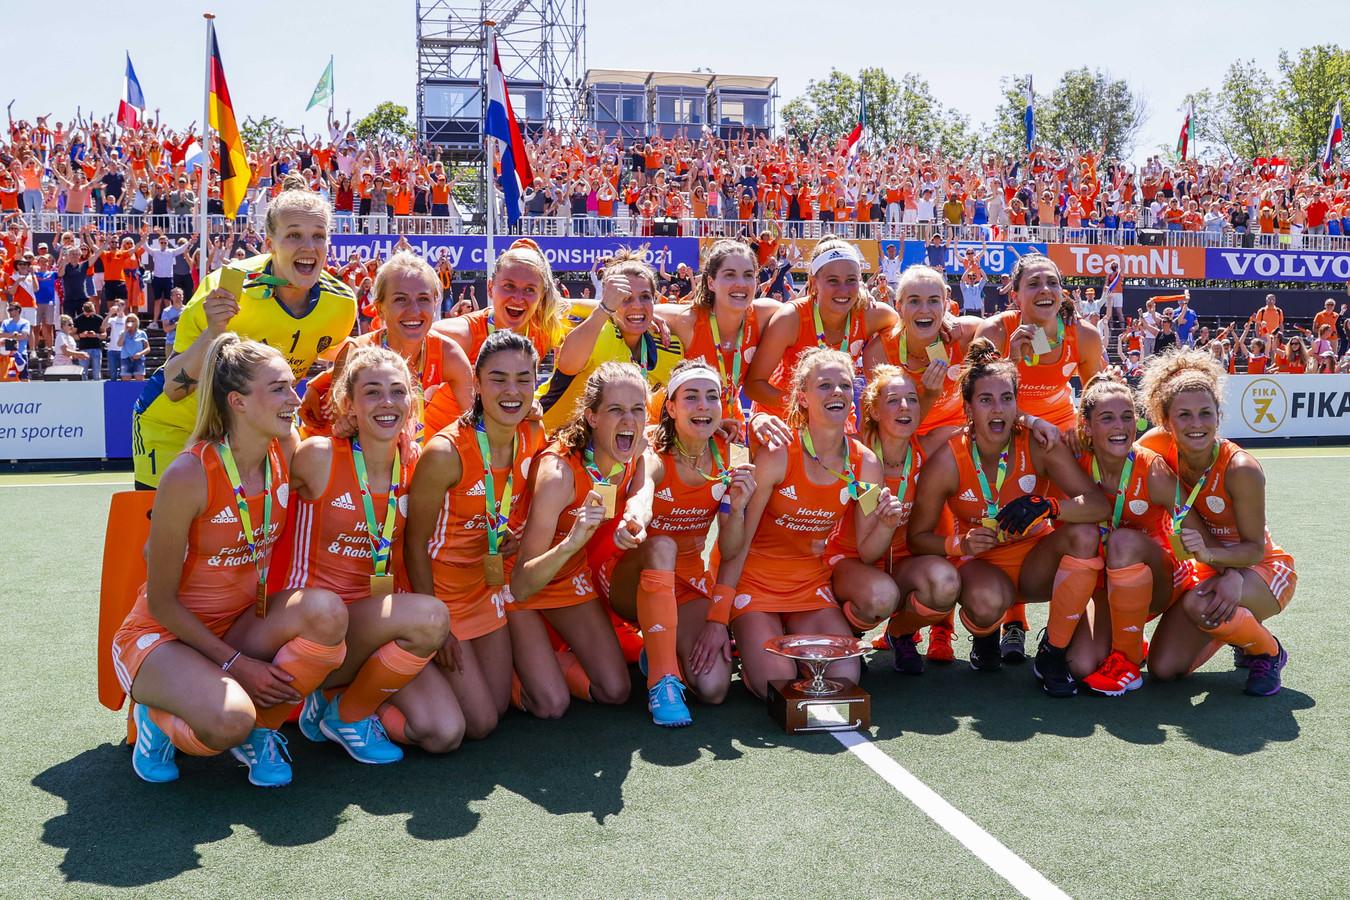 De hockeysters werden onlangs Europees kampioen.